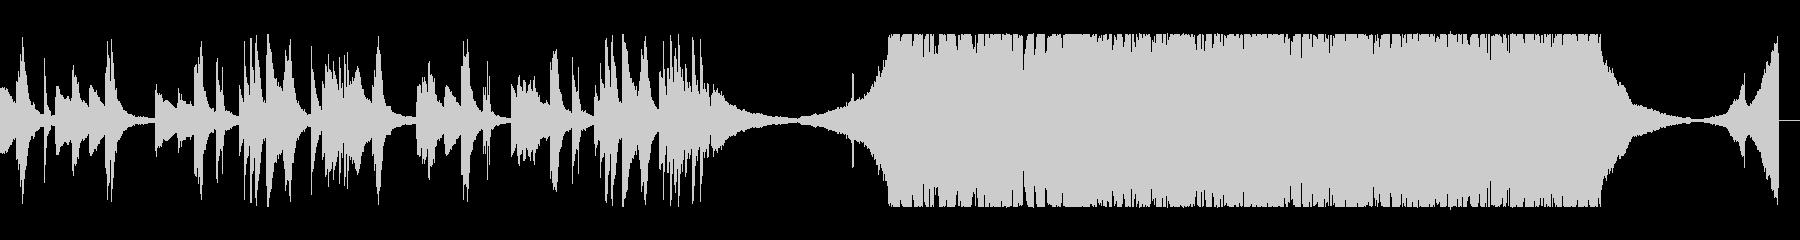 ダークなピアノとヘヴィサウンド。の未再生の波形